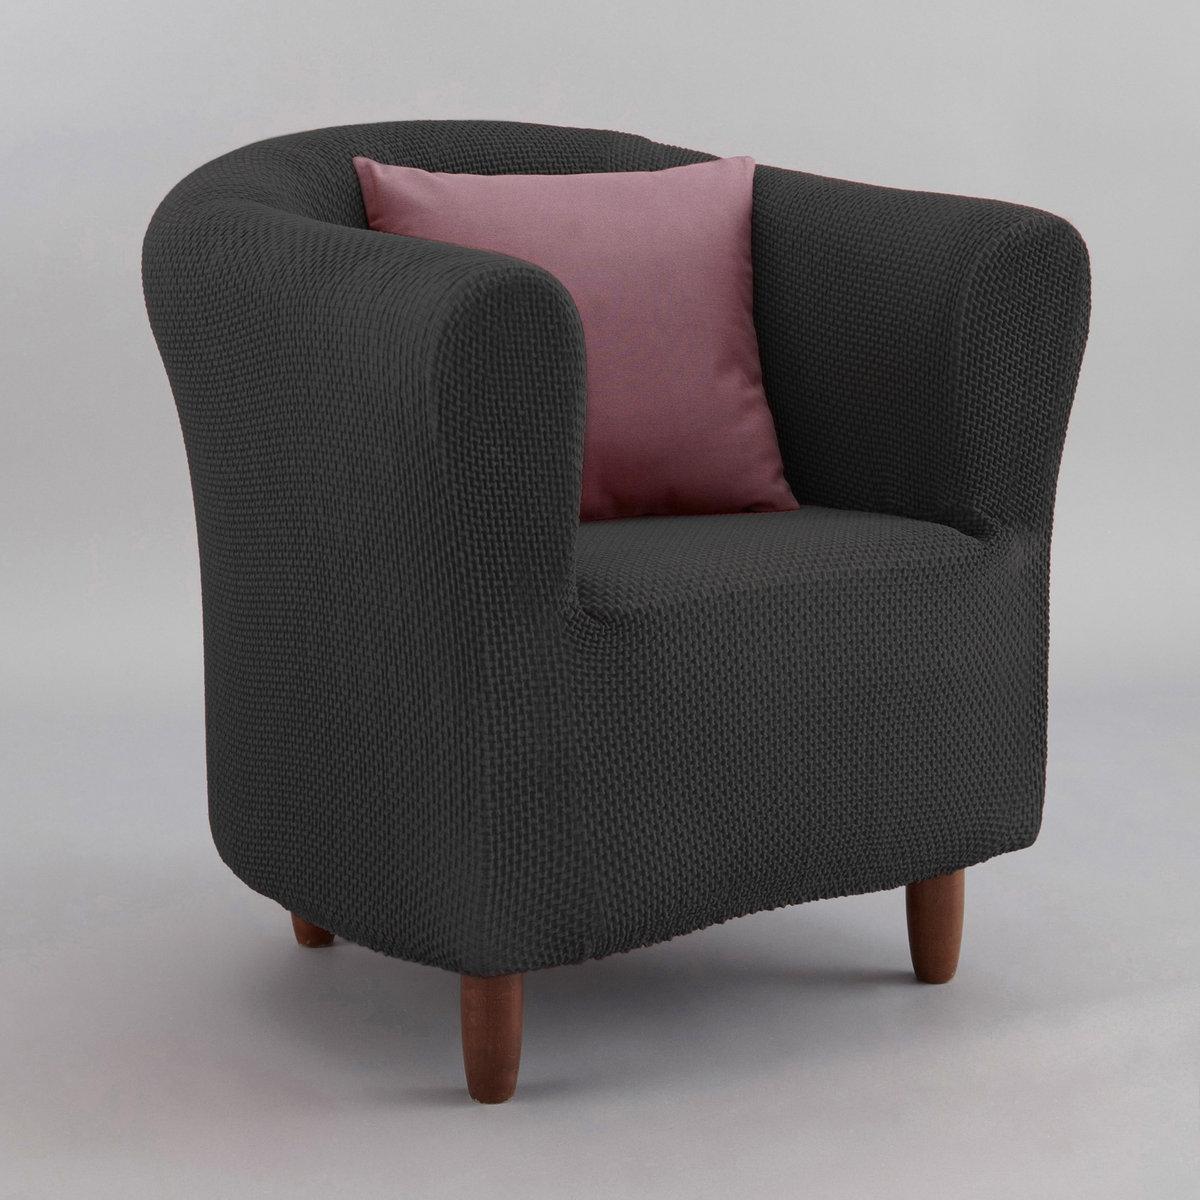 Чехол La Redoute Для кресла AHMIS единый размер серый чехол la redoute эластичный для кресла и дивана ahmis 3 местн белый